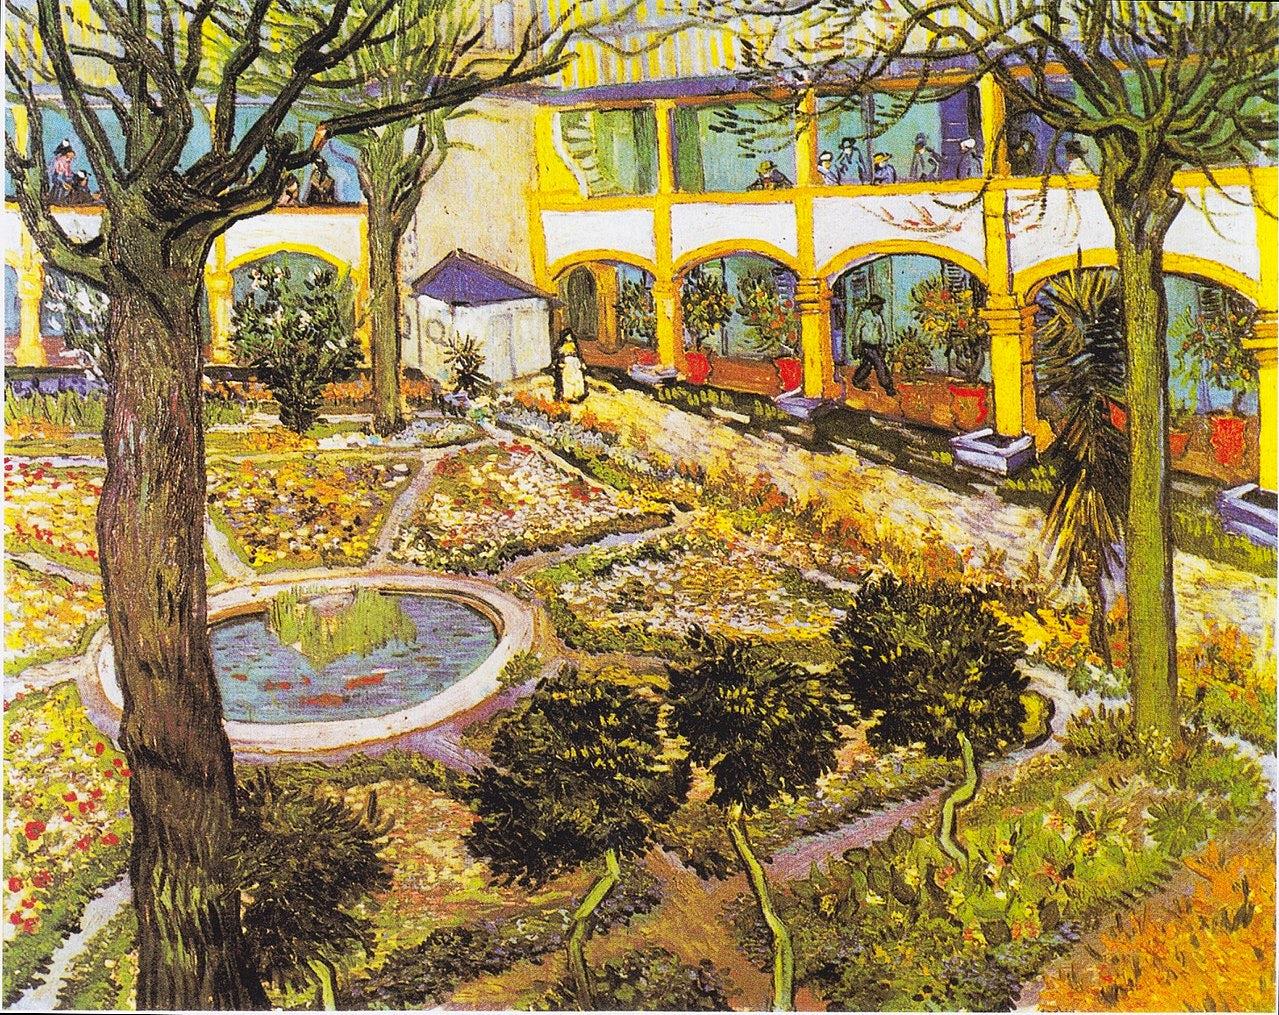 Following In Van Gogh's Footsteps In Arles